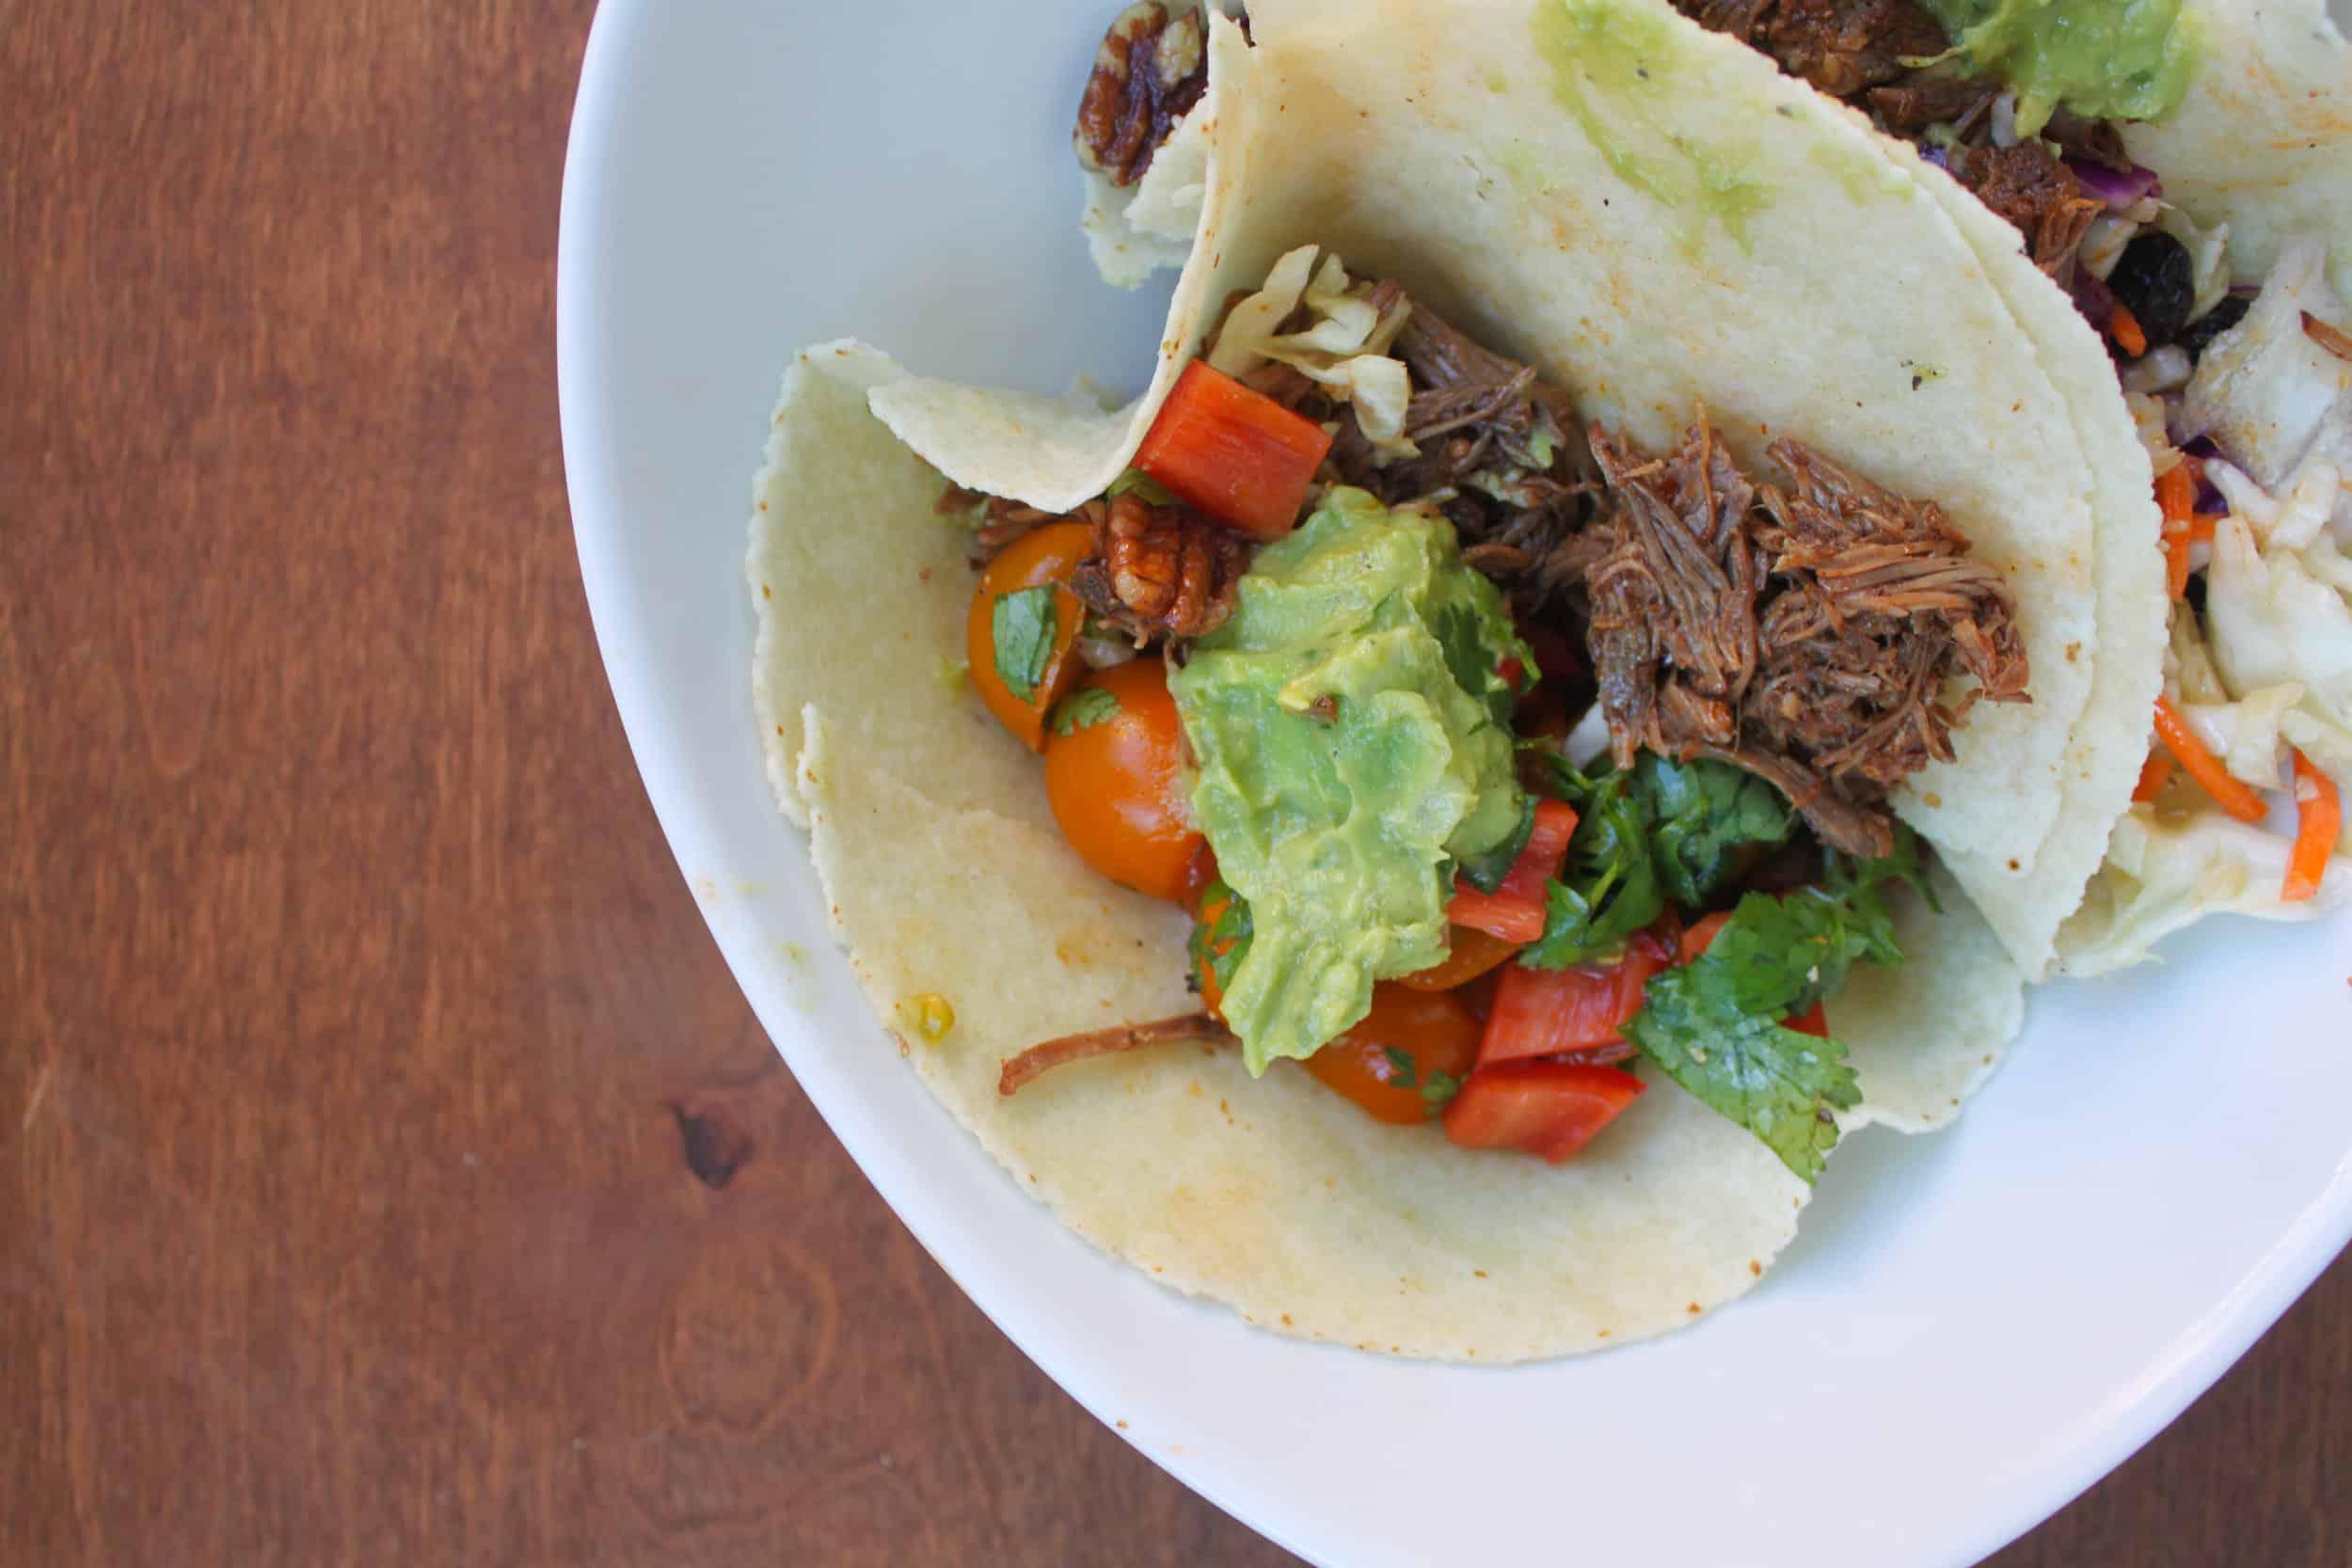 barbacoa tacos 4 of 4